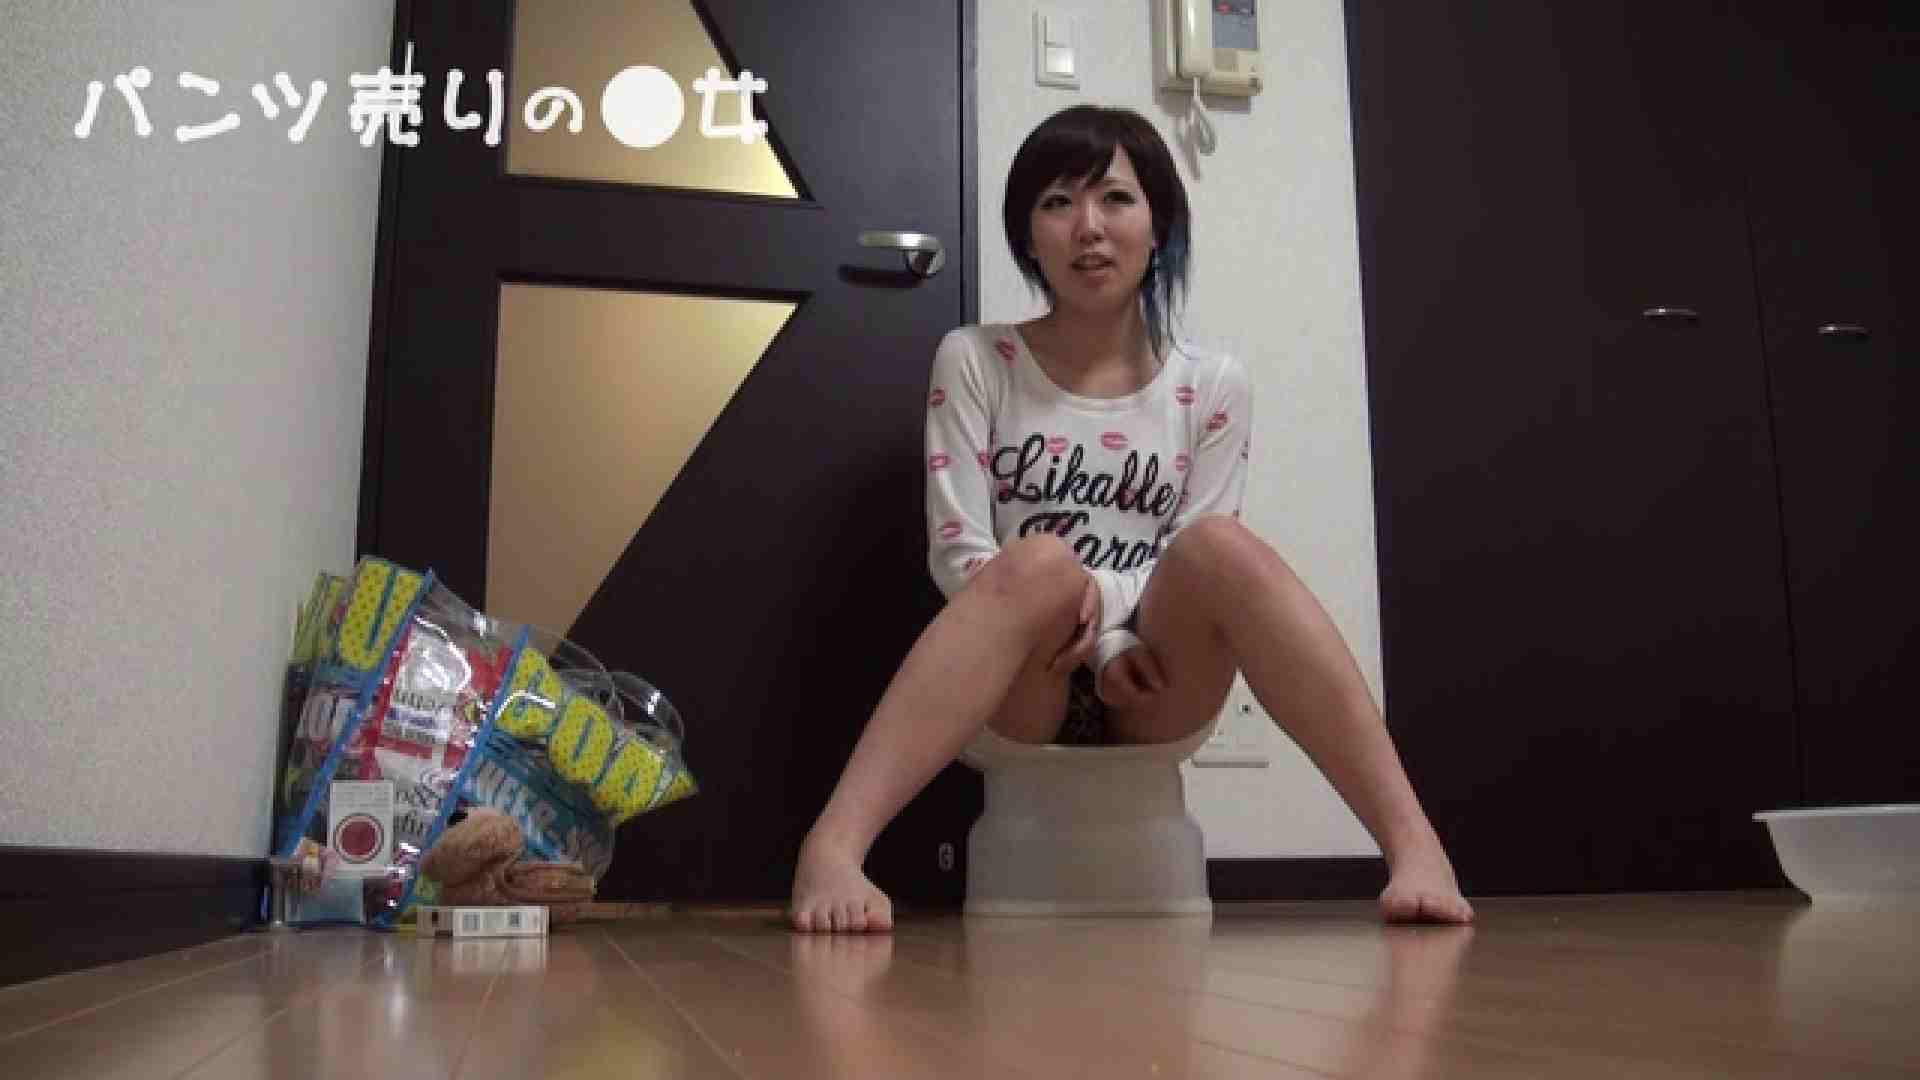 新説 パンツ売りの女の子nana 一般投稿  108枚 40